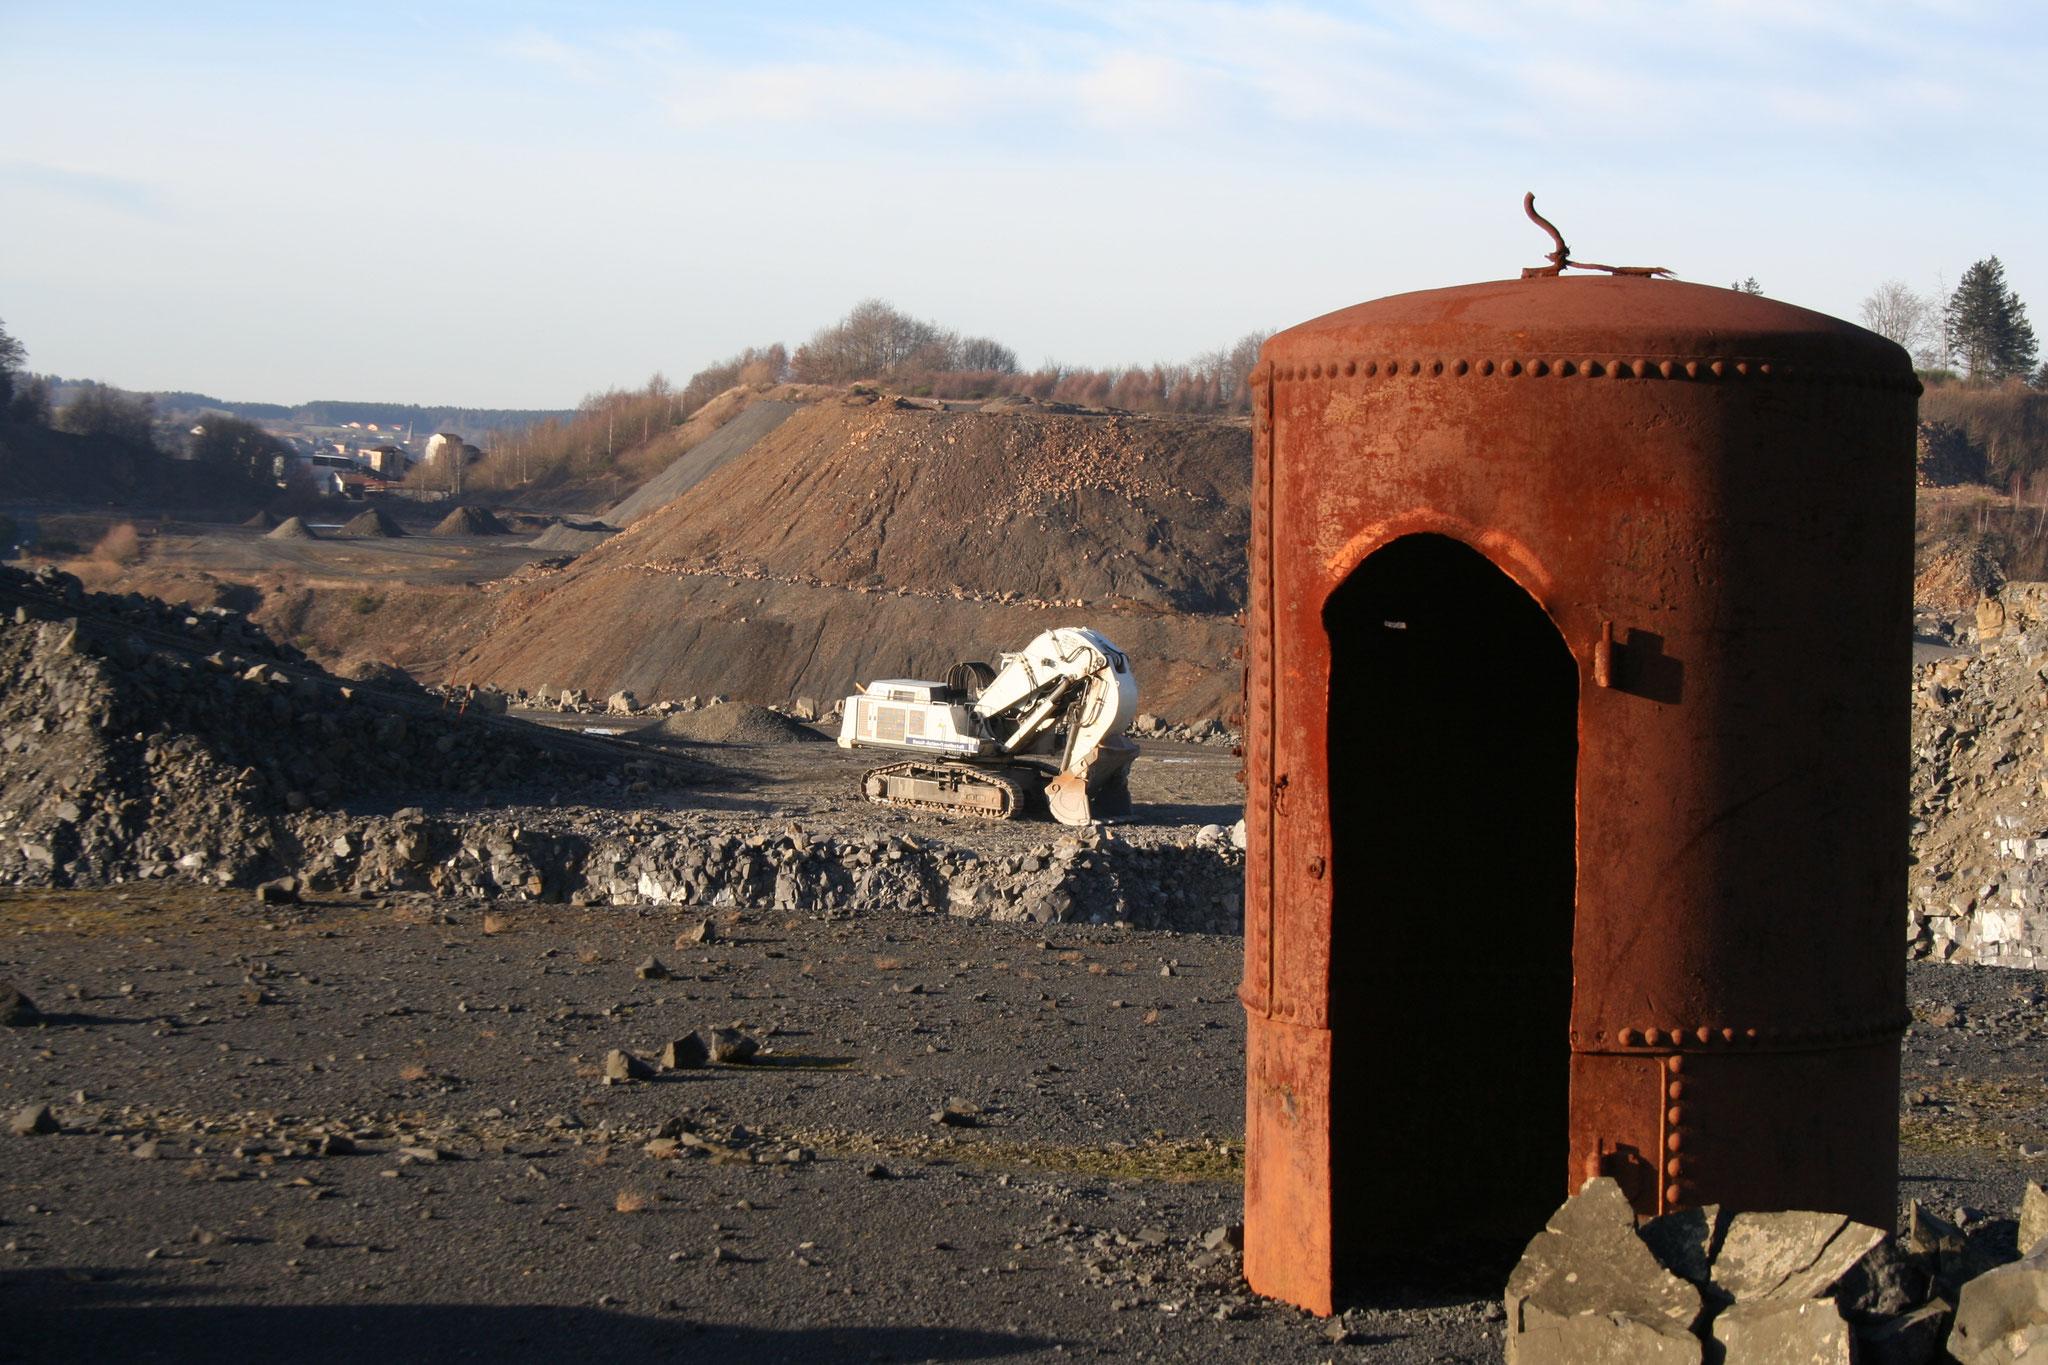 Steinbruch Stockum - Schutzbunker bei Sprengungen